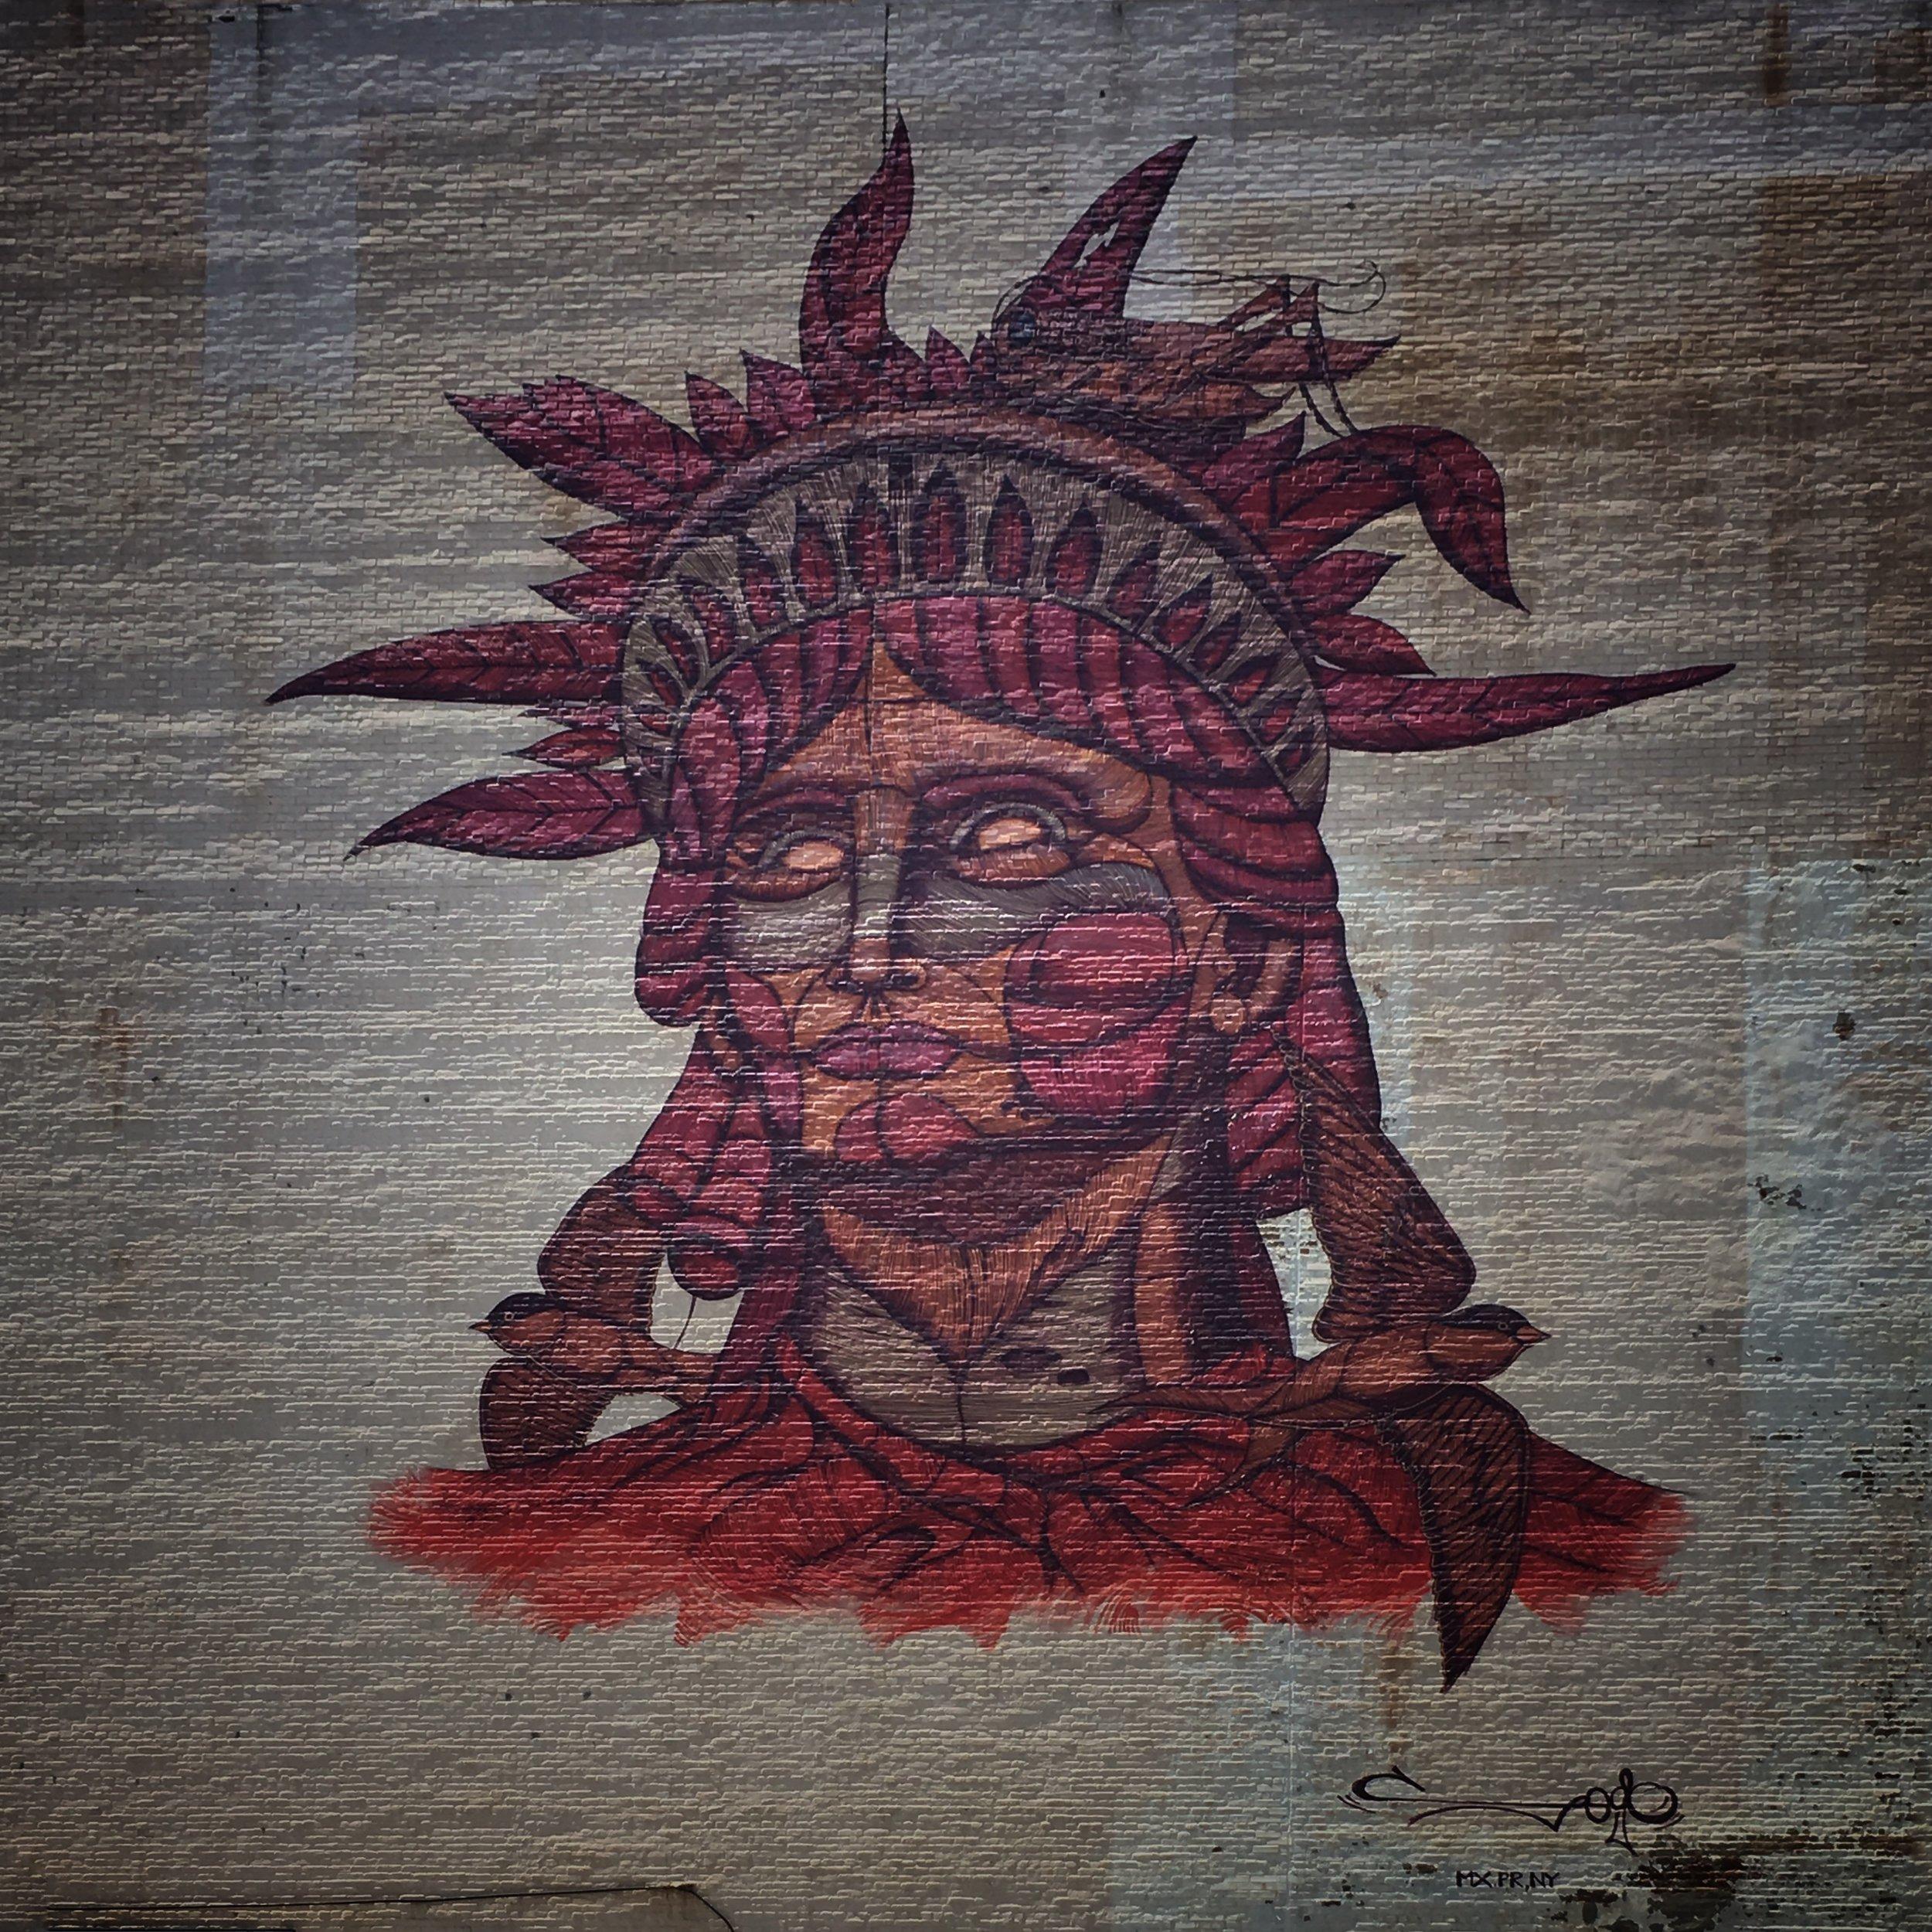 East Harlem #segoyovbal